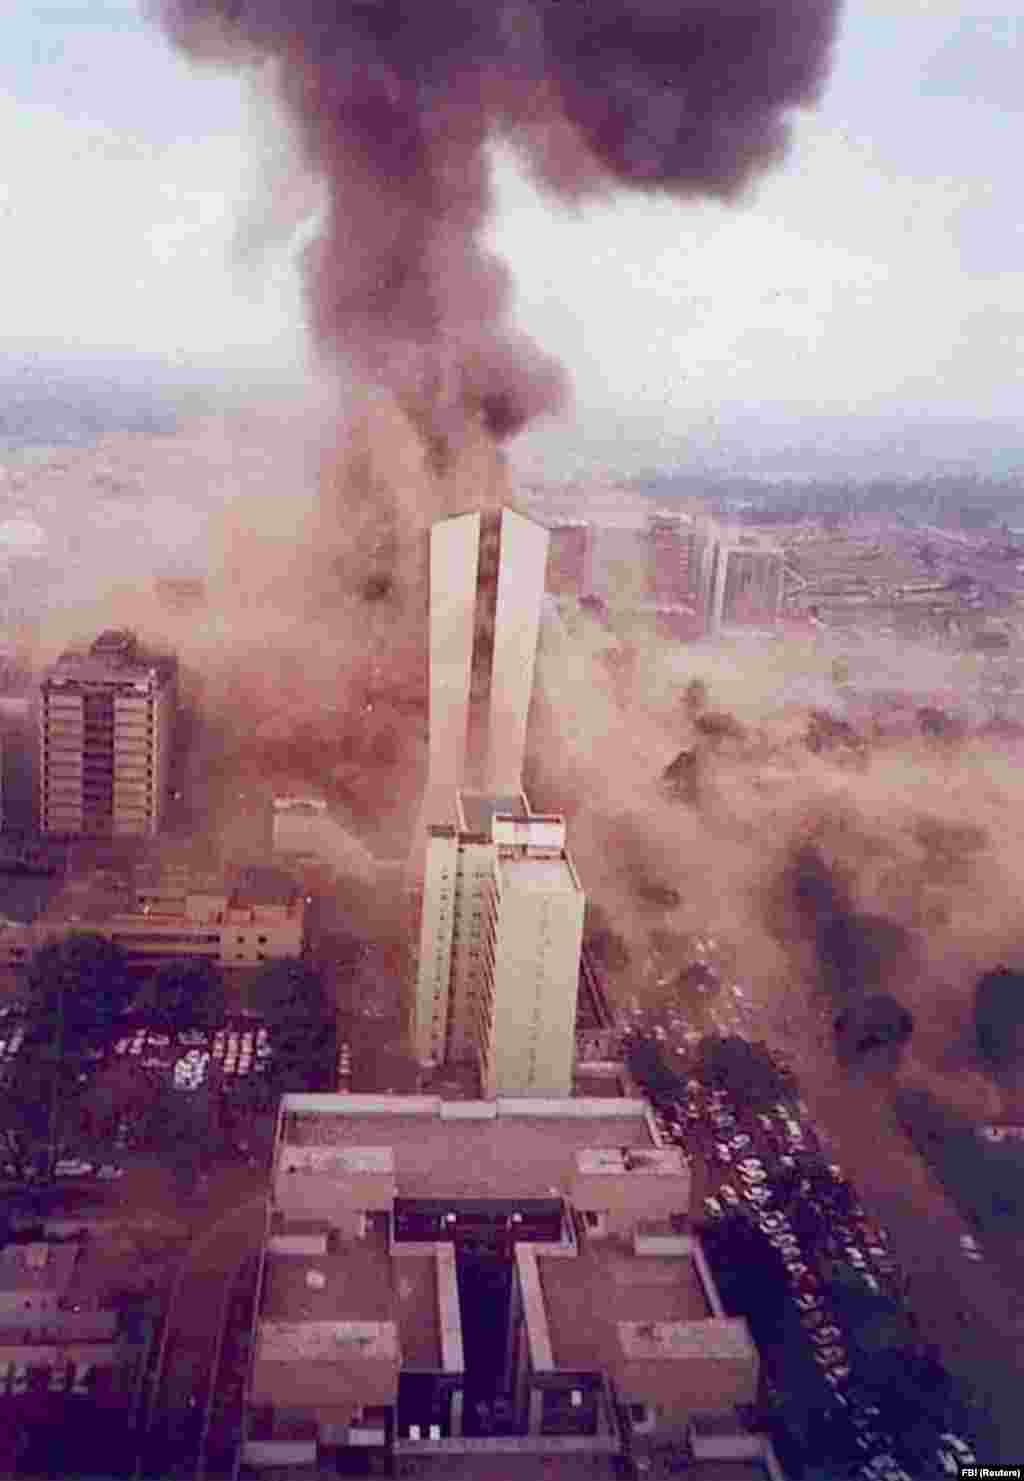 Шлейф дыма уходит в небо через мгновение после взрыва заложенной в грузовике бомбы у посольства США в Найроби, Кения, в 1998 году. В 1990-х годах бин Ладен взял ответственность за несколько террористических атак, включая взрывы грузовиков у посольств США в Кении и Танзании. Подавляющее большинство из 224 человек, погибших в результате терактов, были местными жителями.